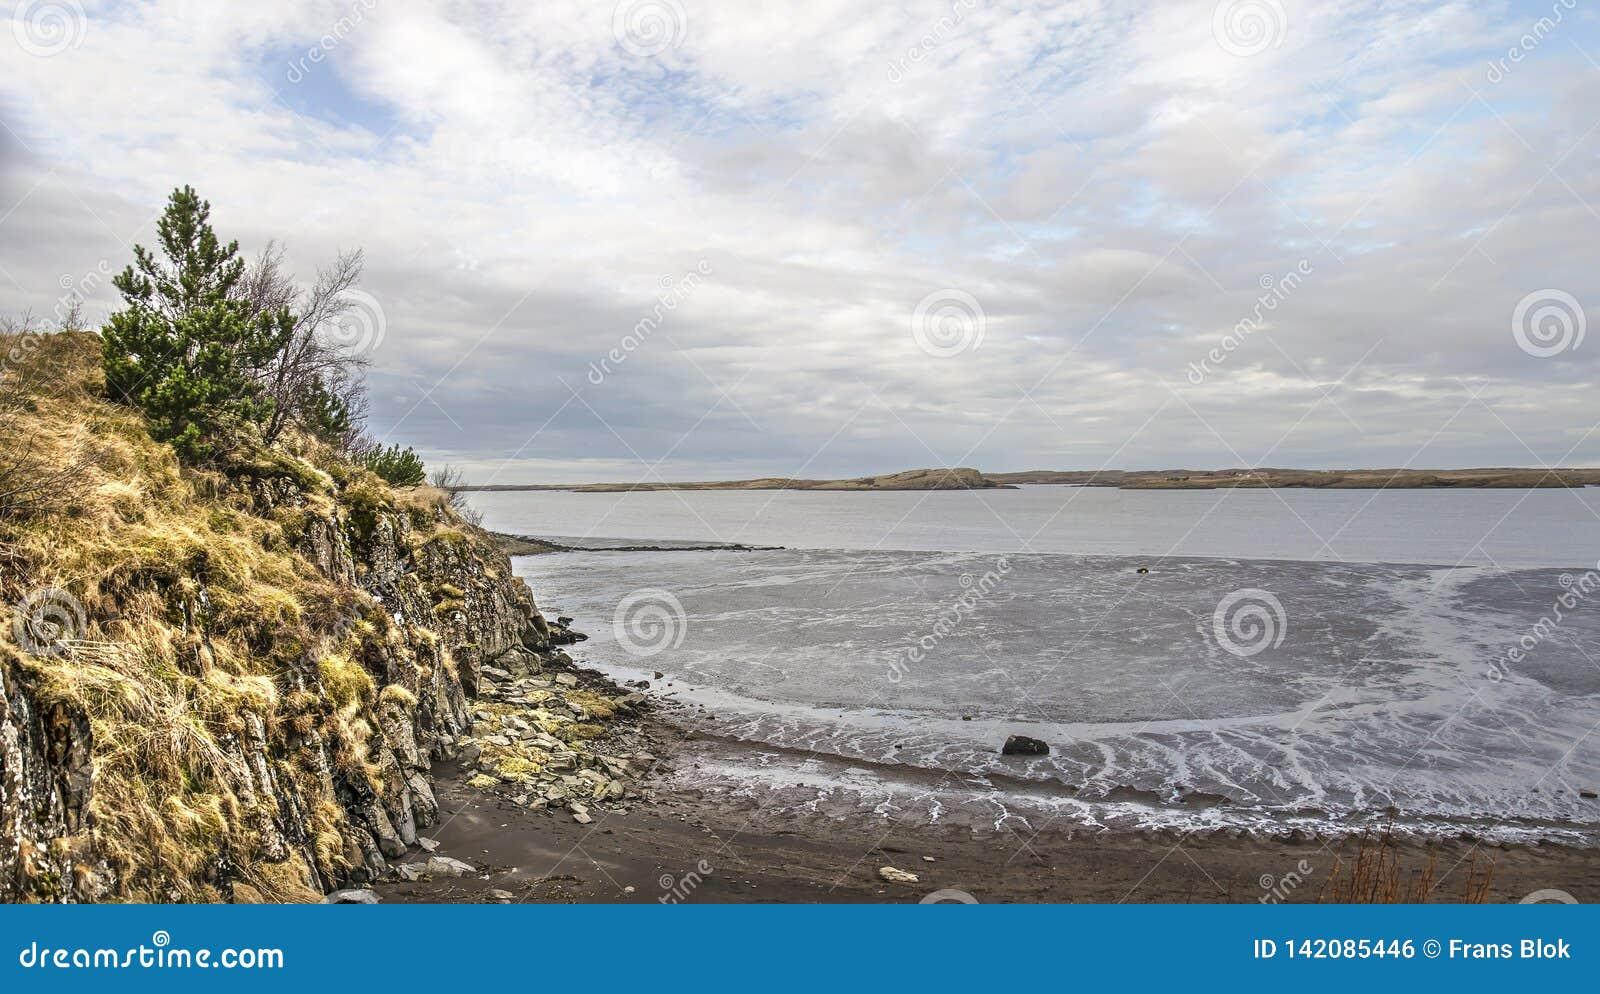 Klip, strand en mudflats